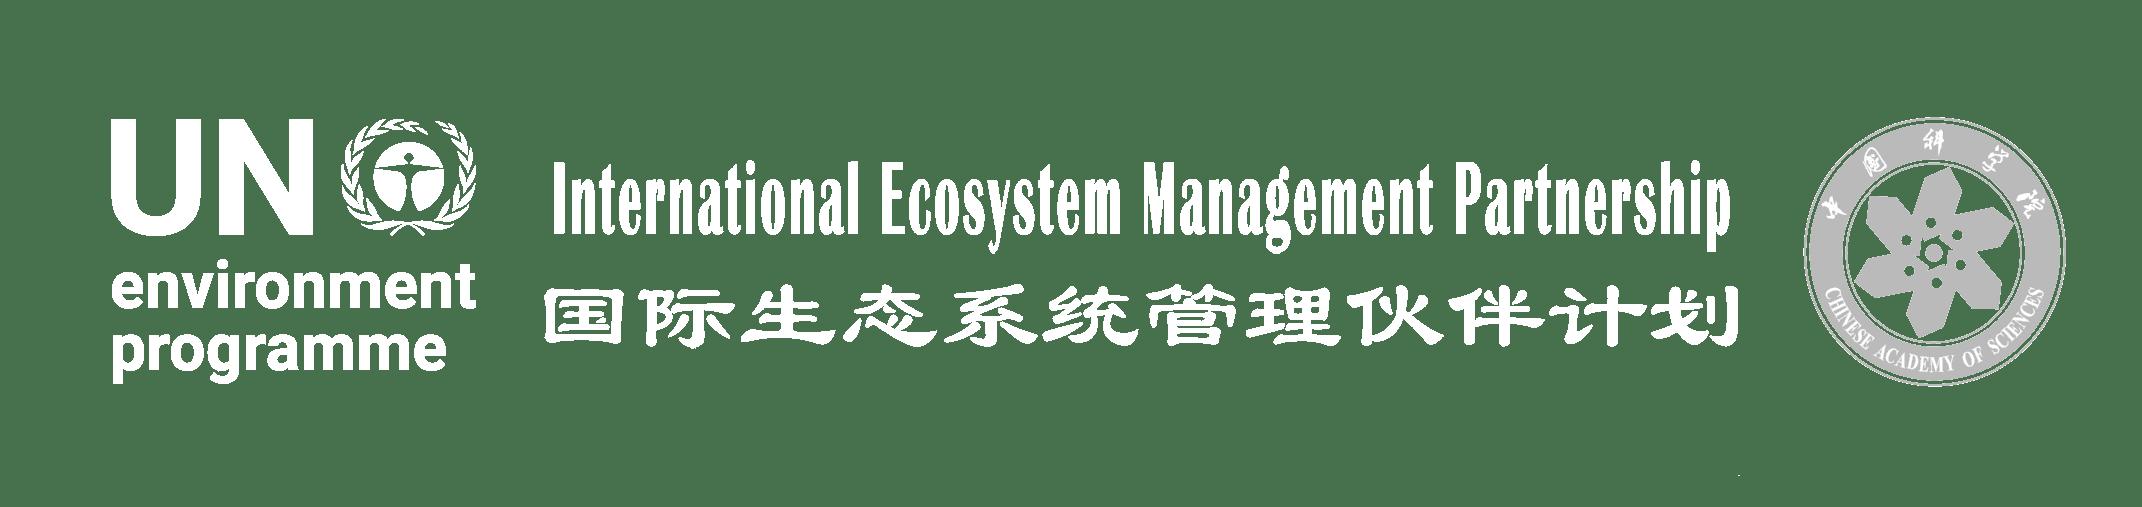 UNEP-IEMP-Logo